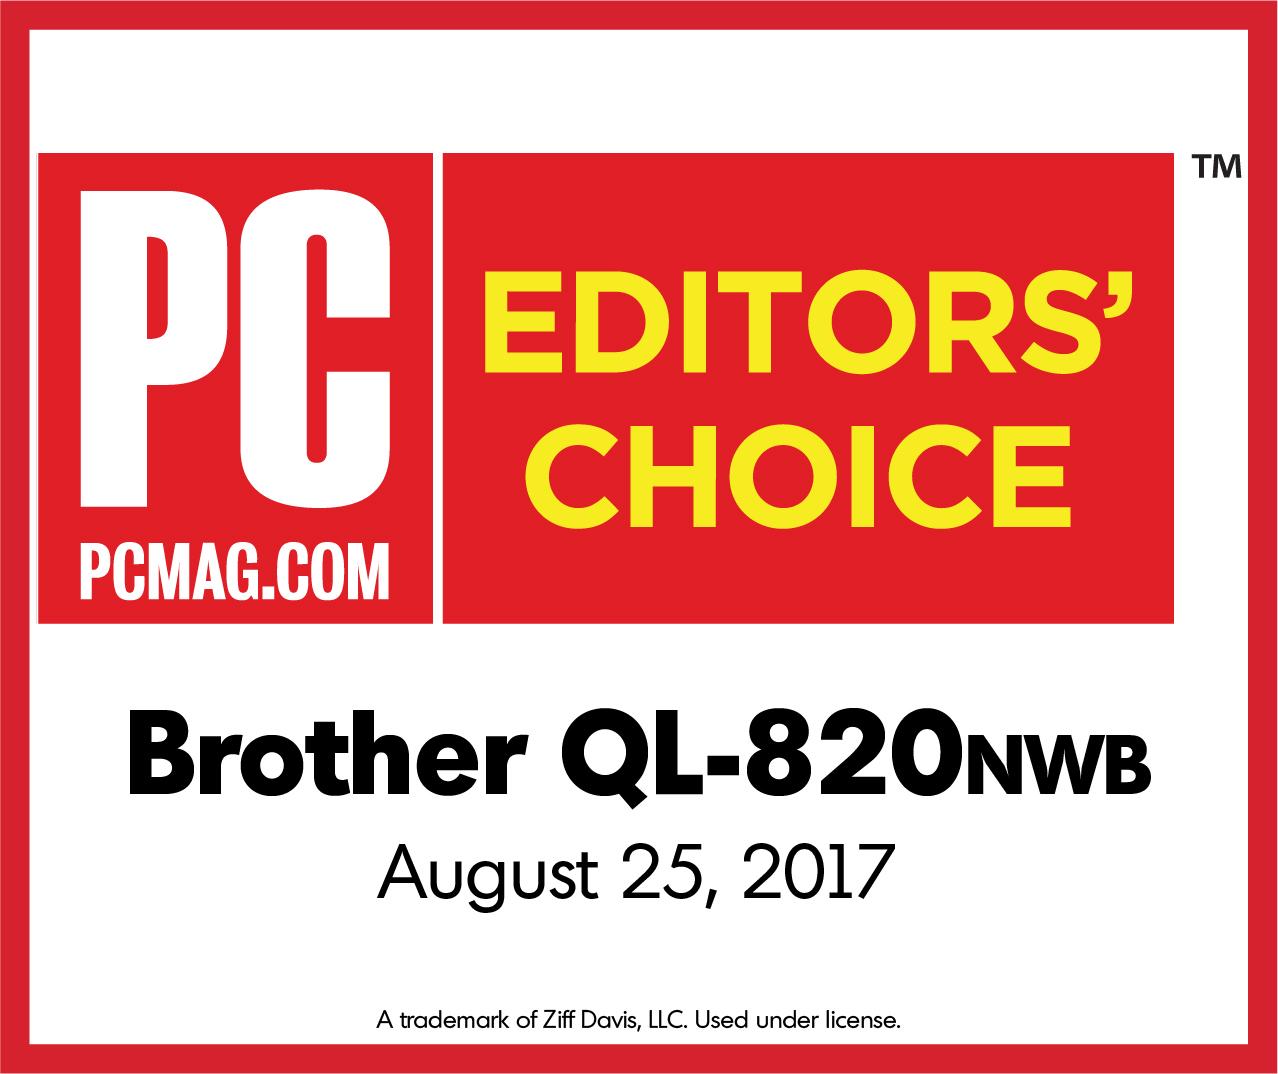 EditorsChoice_QL820nwb